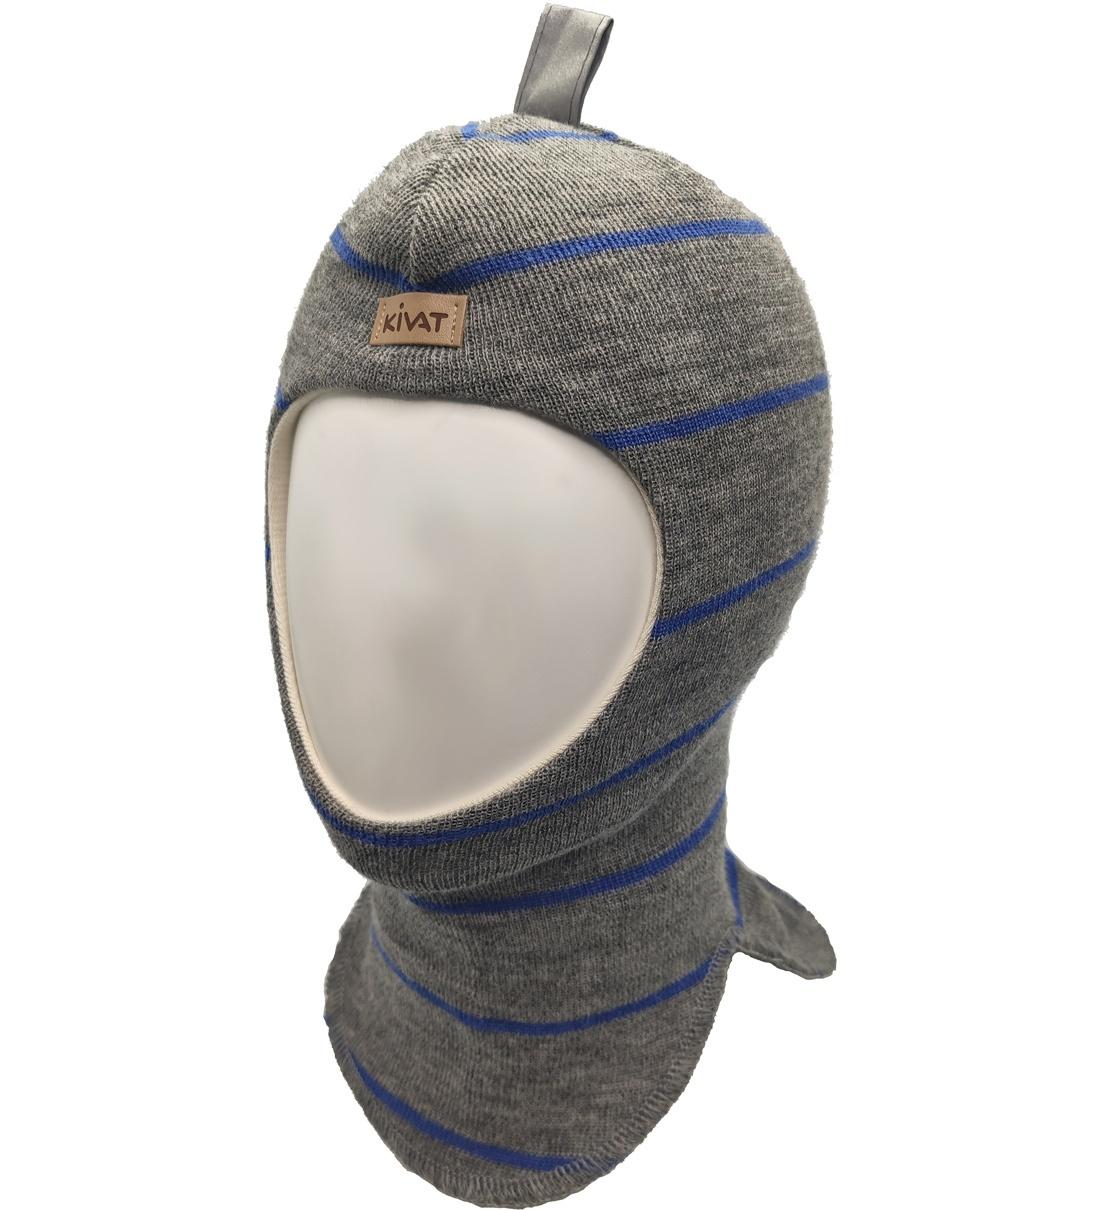 Купить 496 (81/62), Шлем для мальчиков Kivat цв. серый р-р. 2,